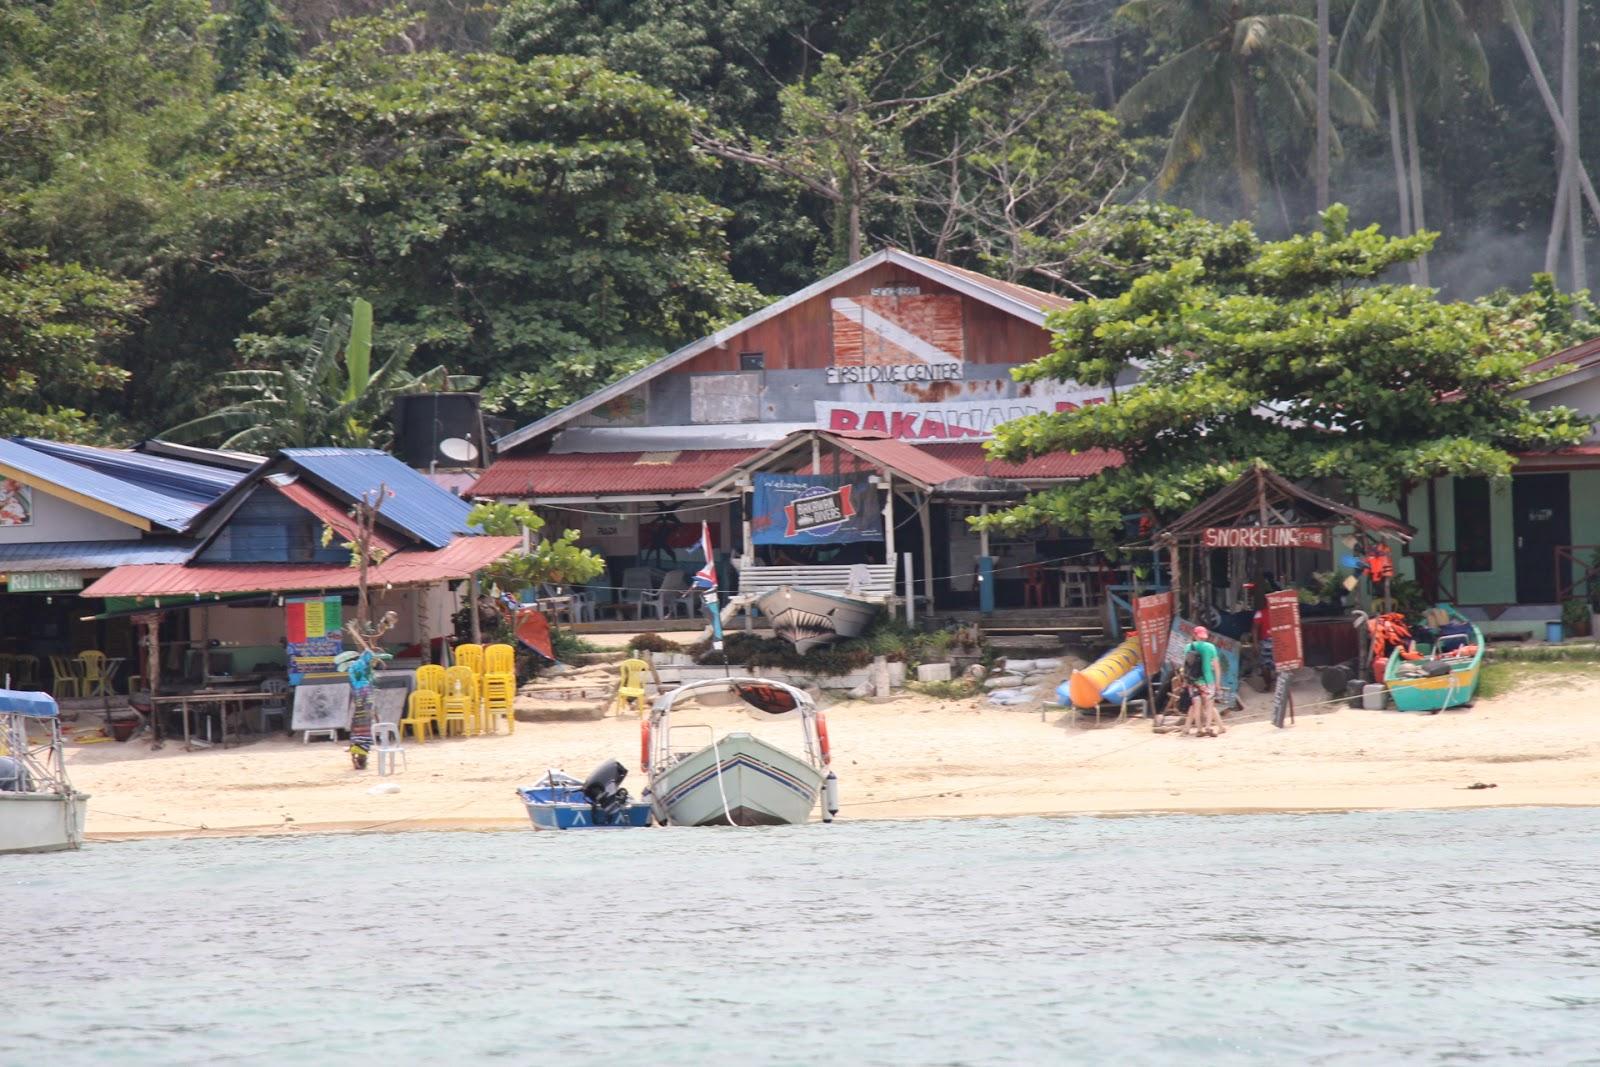 muhammad qul amirul hakim coral bay pulau perhentian terengganu coral bay perhentian island